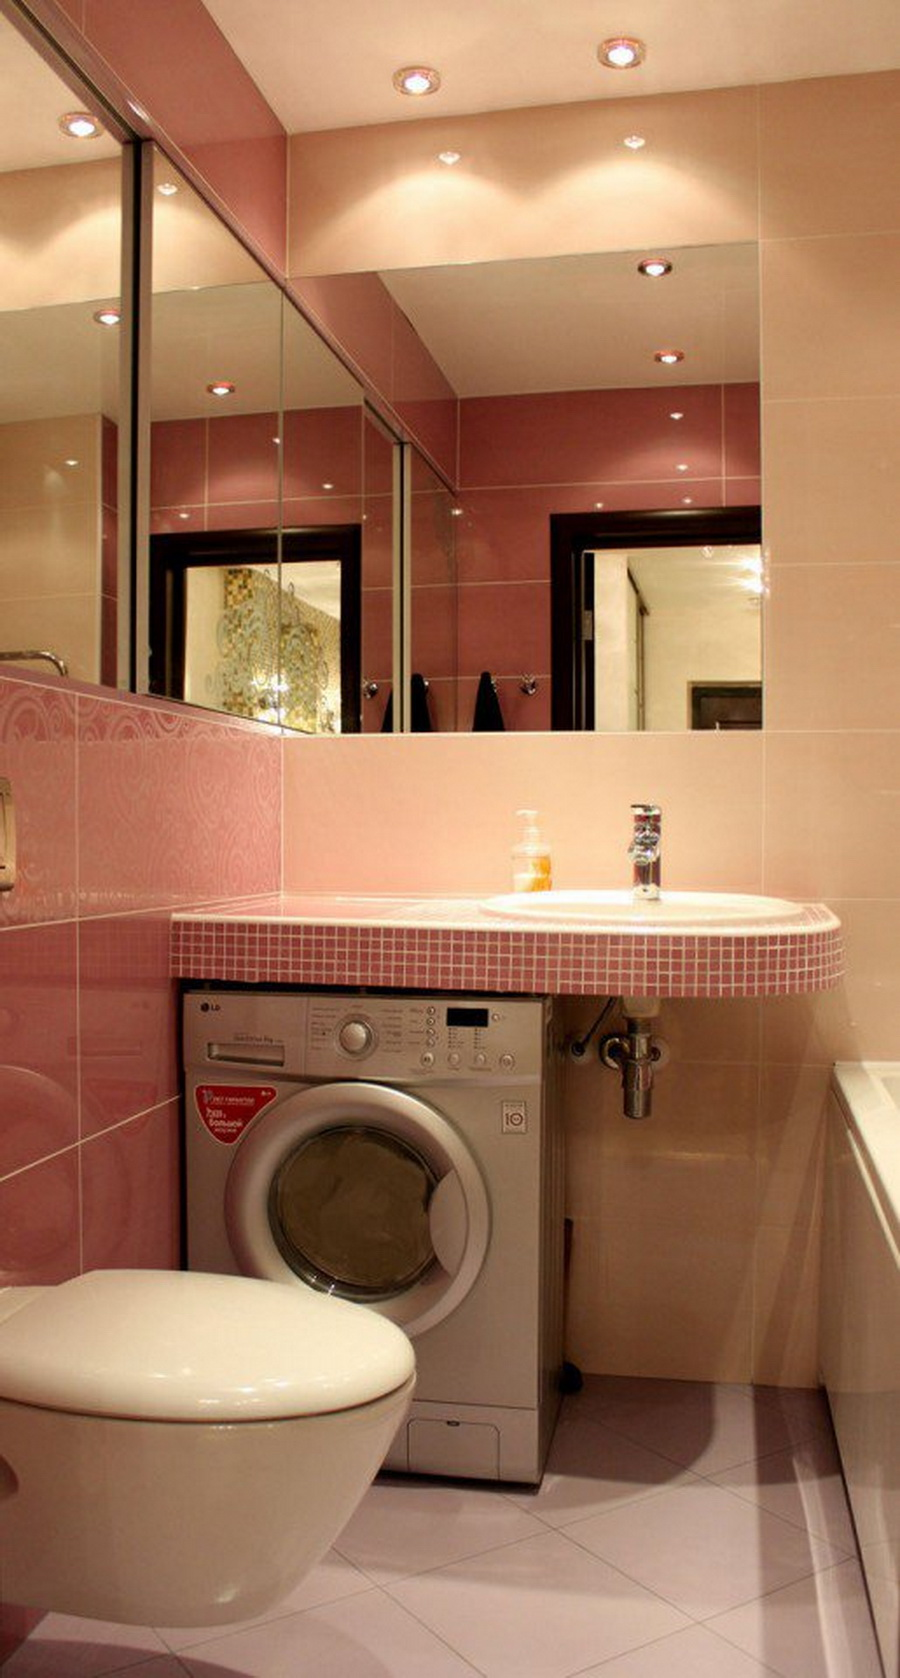 Фото дизайна освещения и декора зеркалами для маленькой ванной комнаты